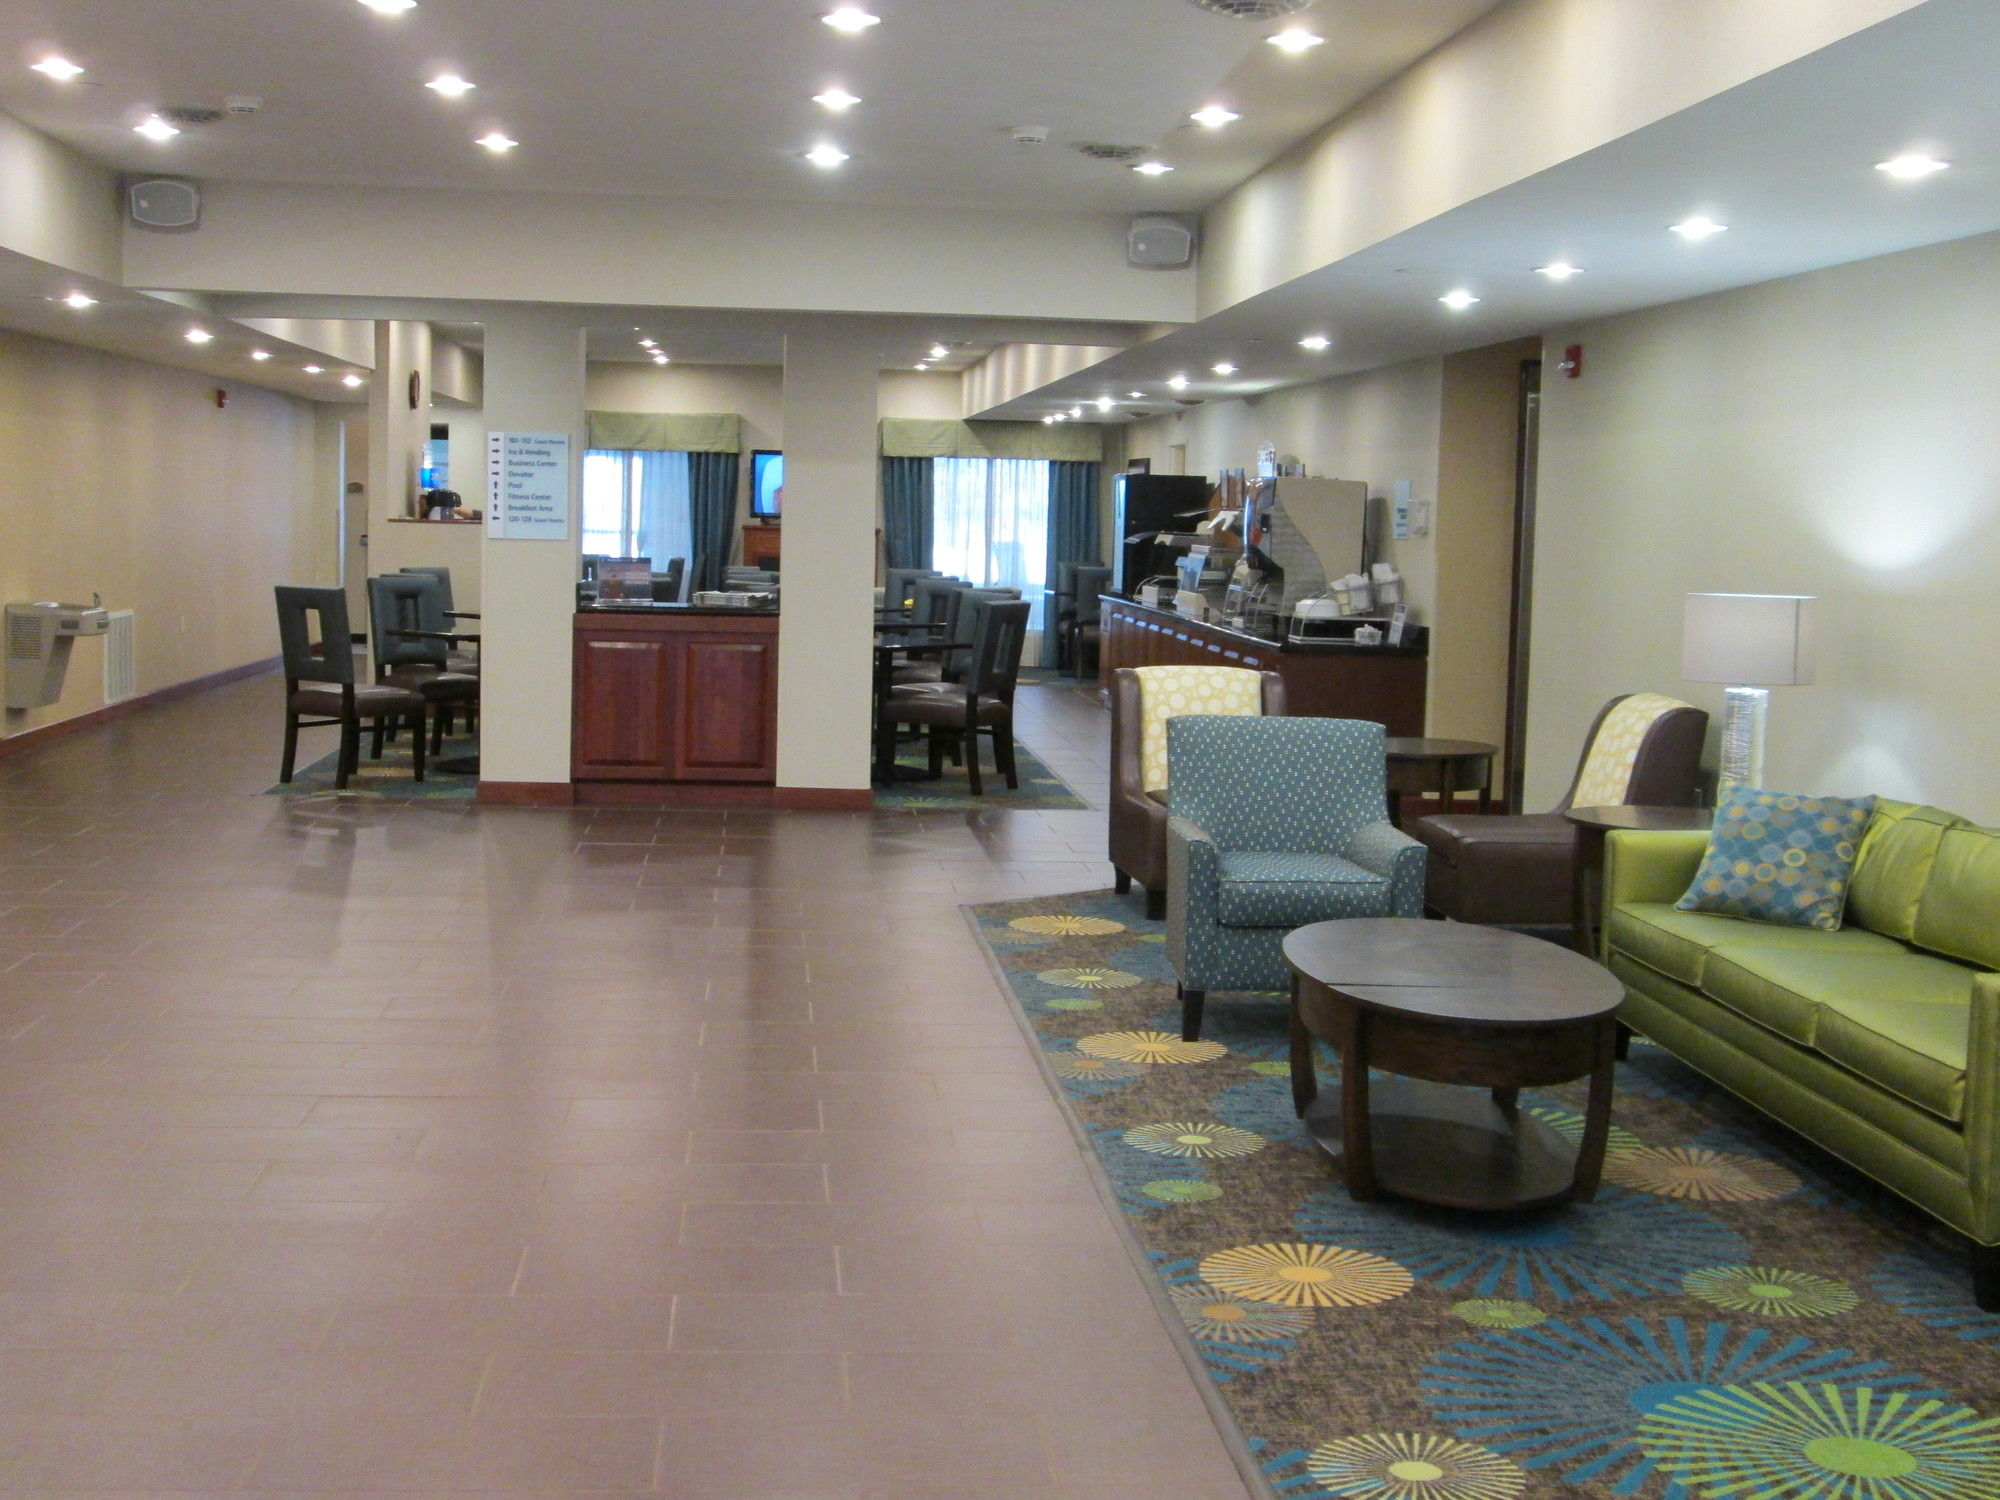 Holiday Inn Exp Chester Wv